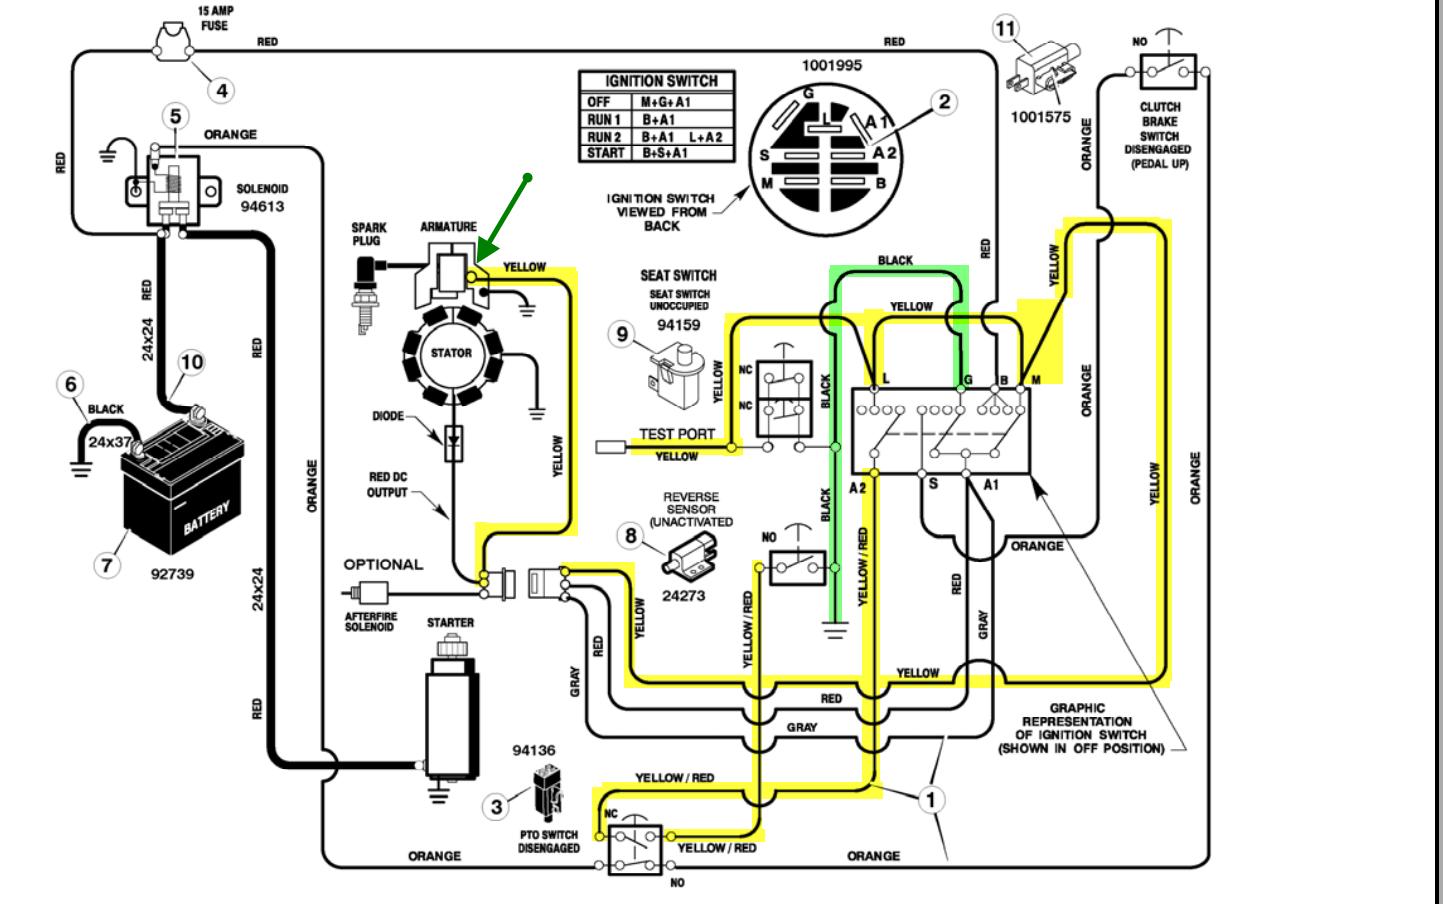 11 Hp Briggs Engine Wiring Diagram - Sterling Truck Ac Wiring Schematics  ber-er.au-delice-limousin.fr | 11 Hp Briggs And Stratton Wiring Diagram |  | Bege Place Wiring Diagram - Bege Wiring Diagram Full Edition